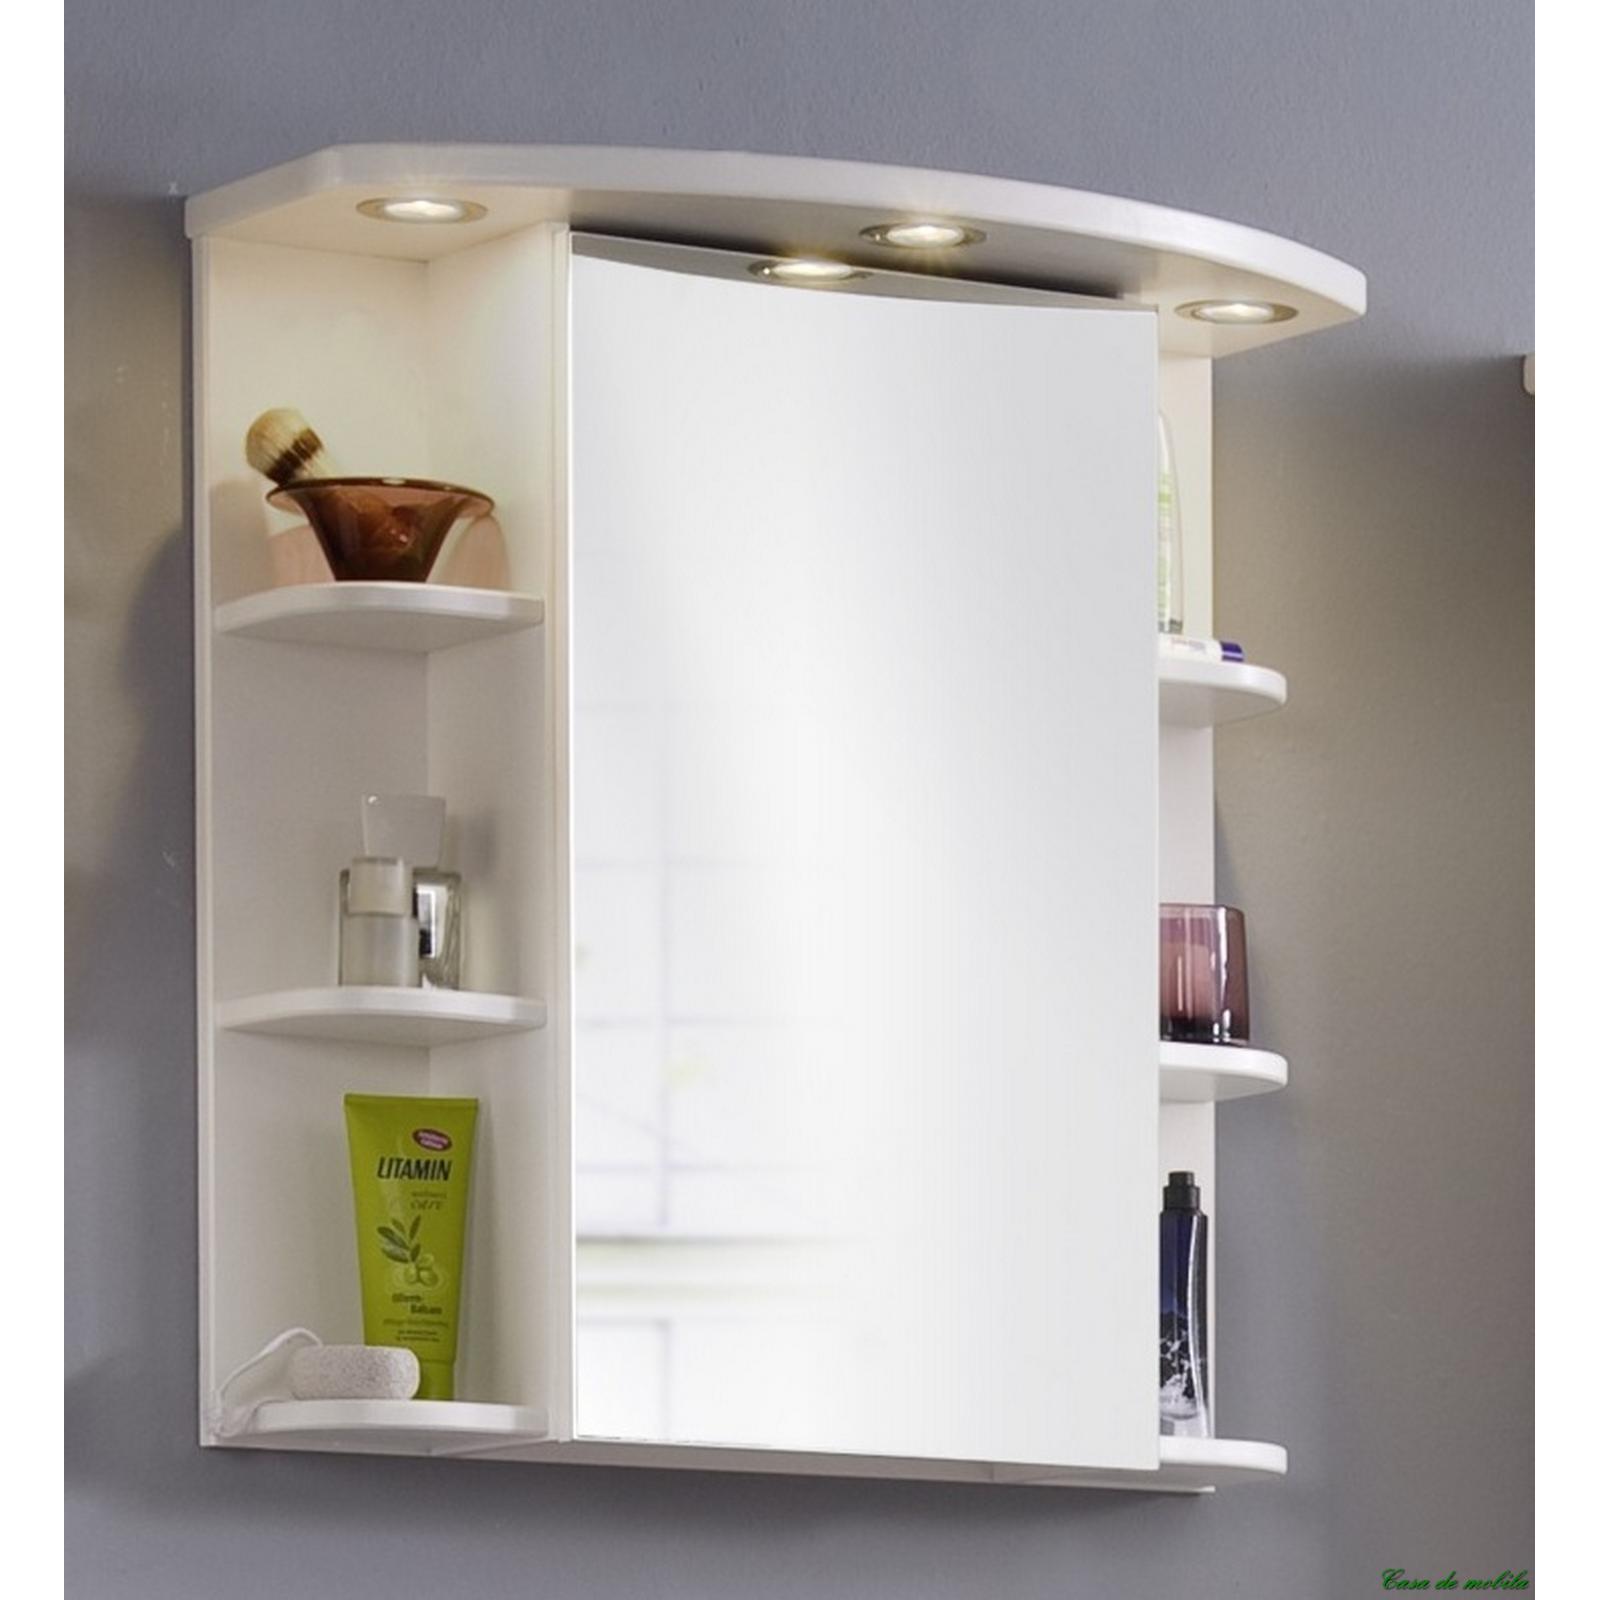 Spiegelschrank holz weiß  Badezimmer Spiegelschrank Beleuchtung Holz: Spiegelschr?nke nach ...